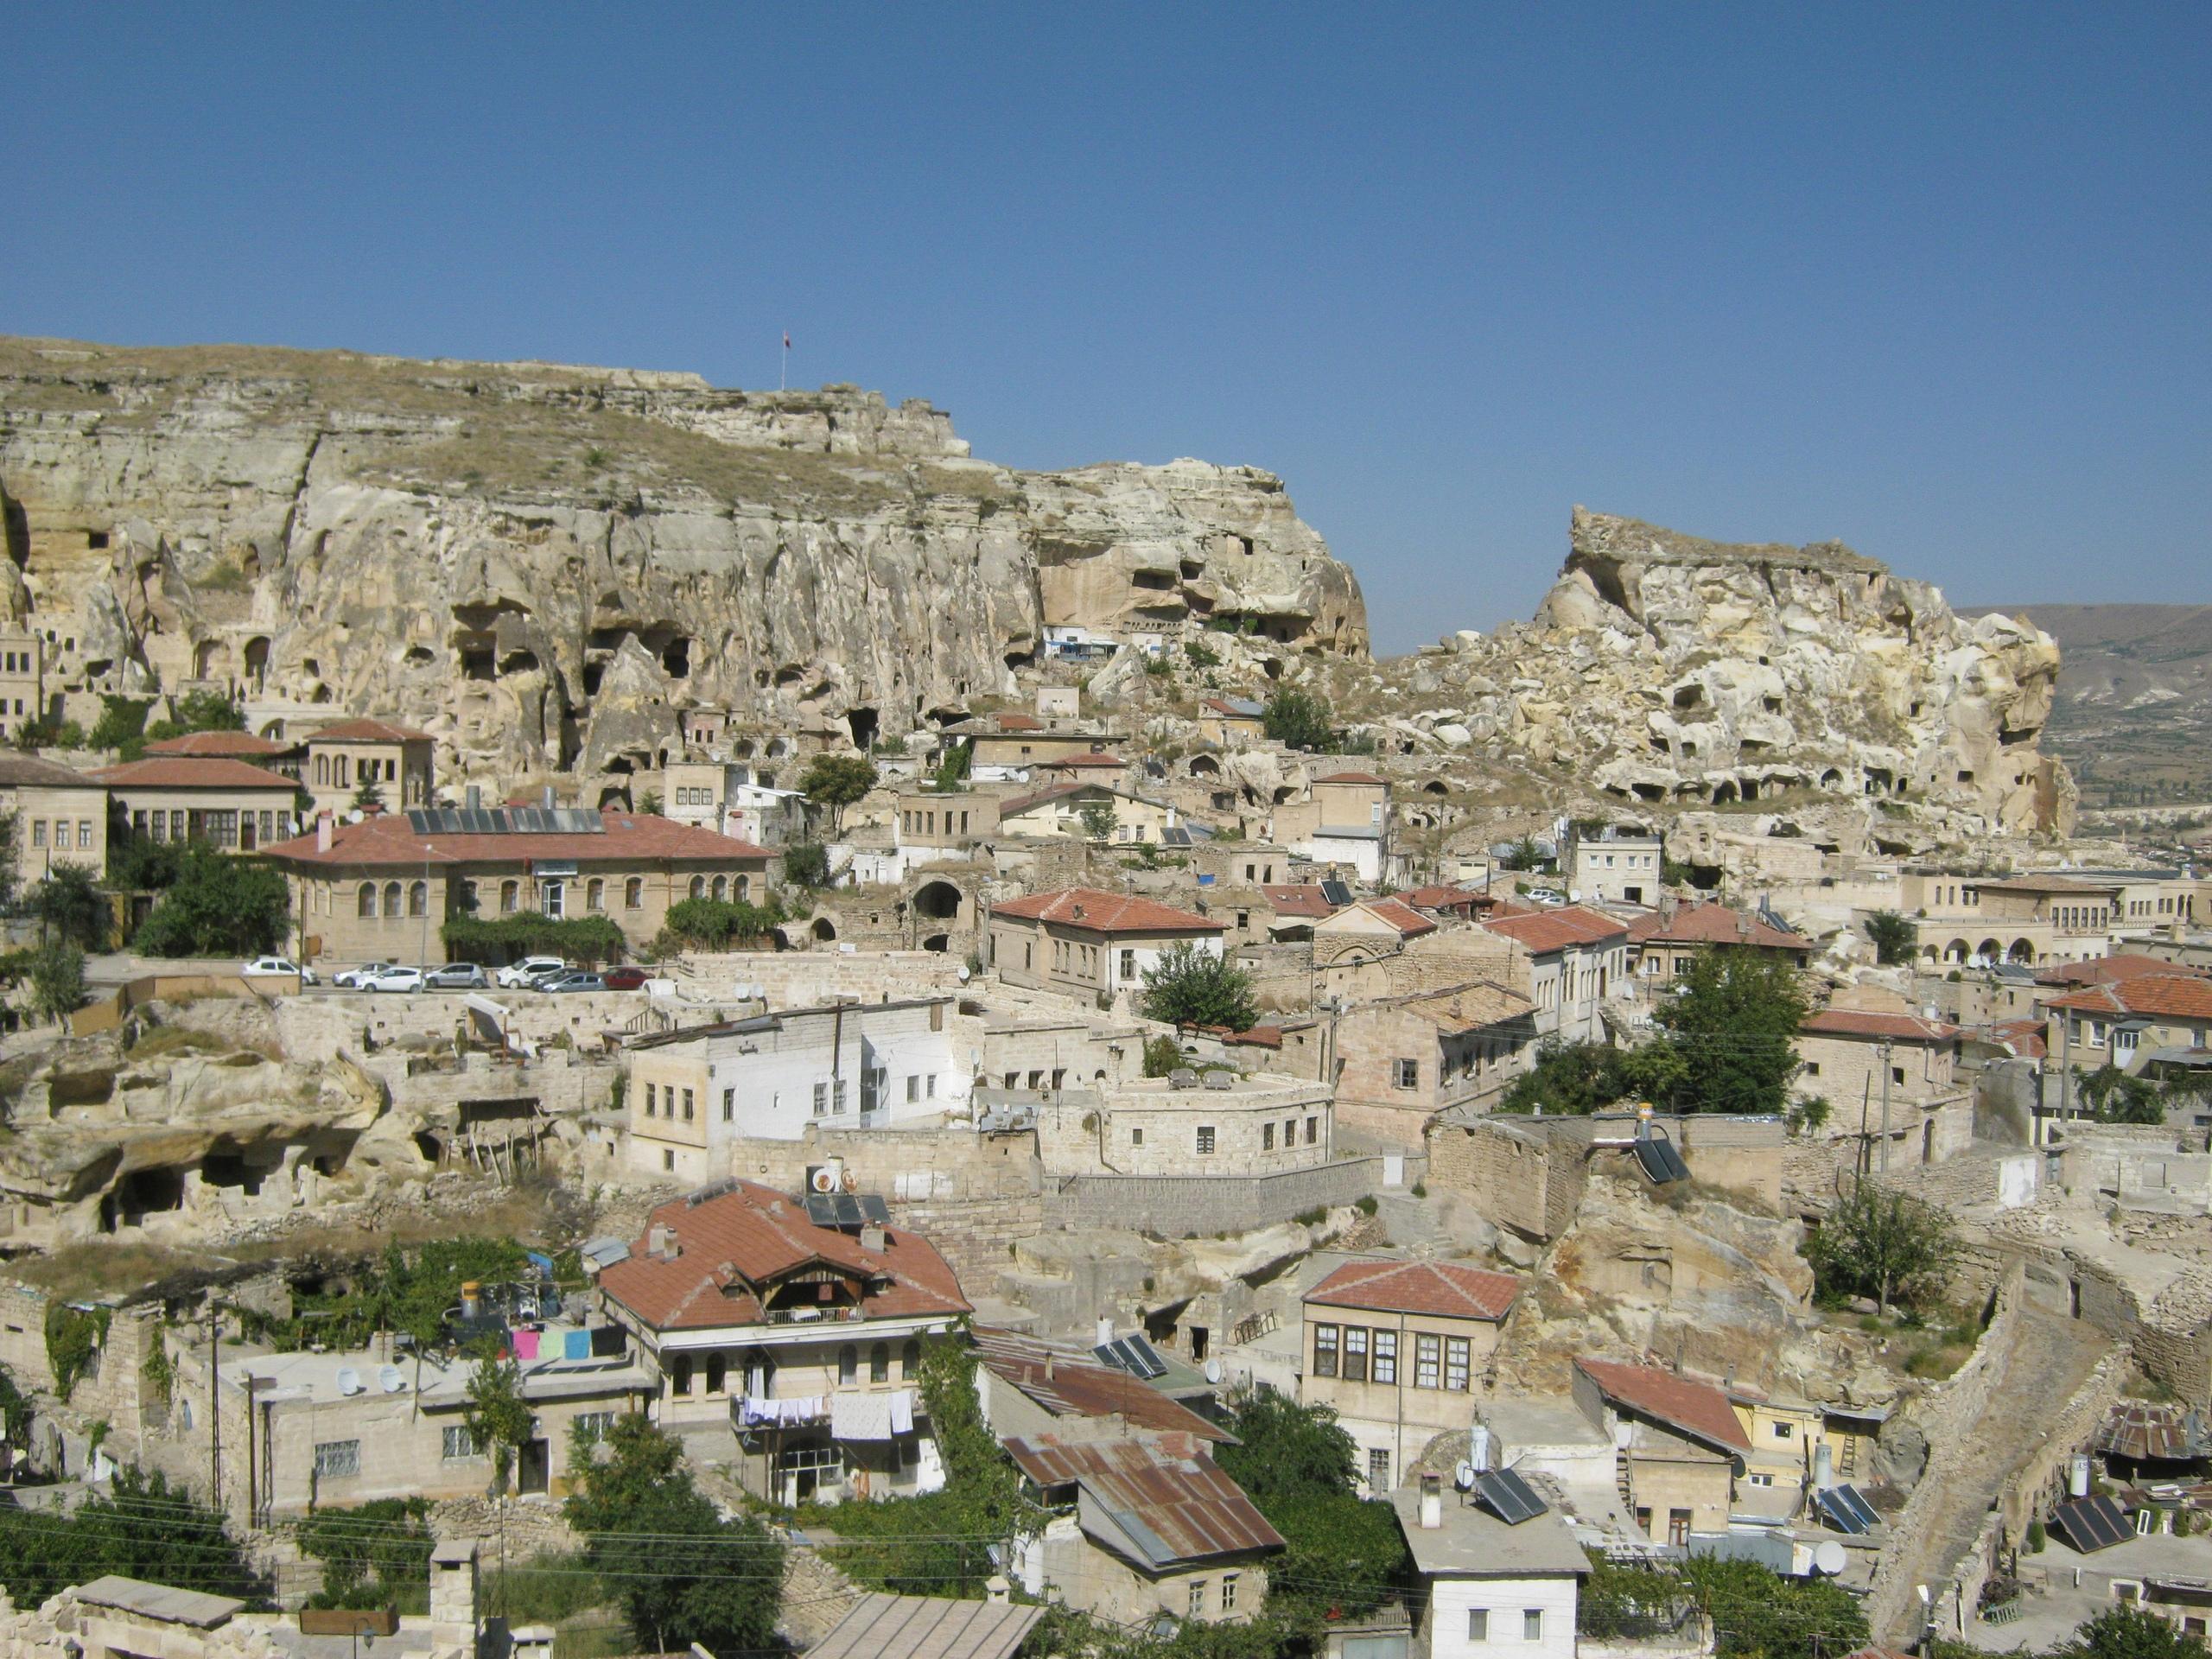 Райцентр Юргюп, его старинные дома, скала-крепость, и пещеры